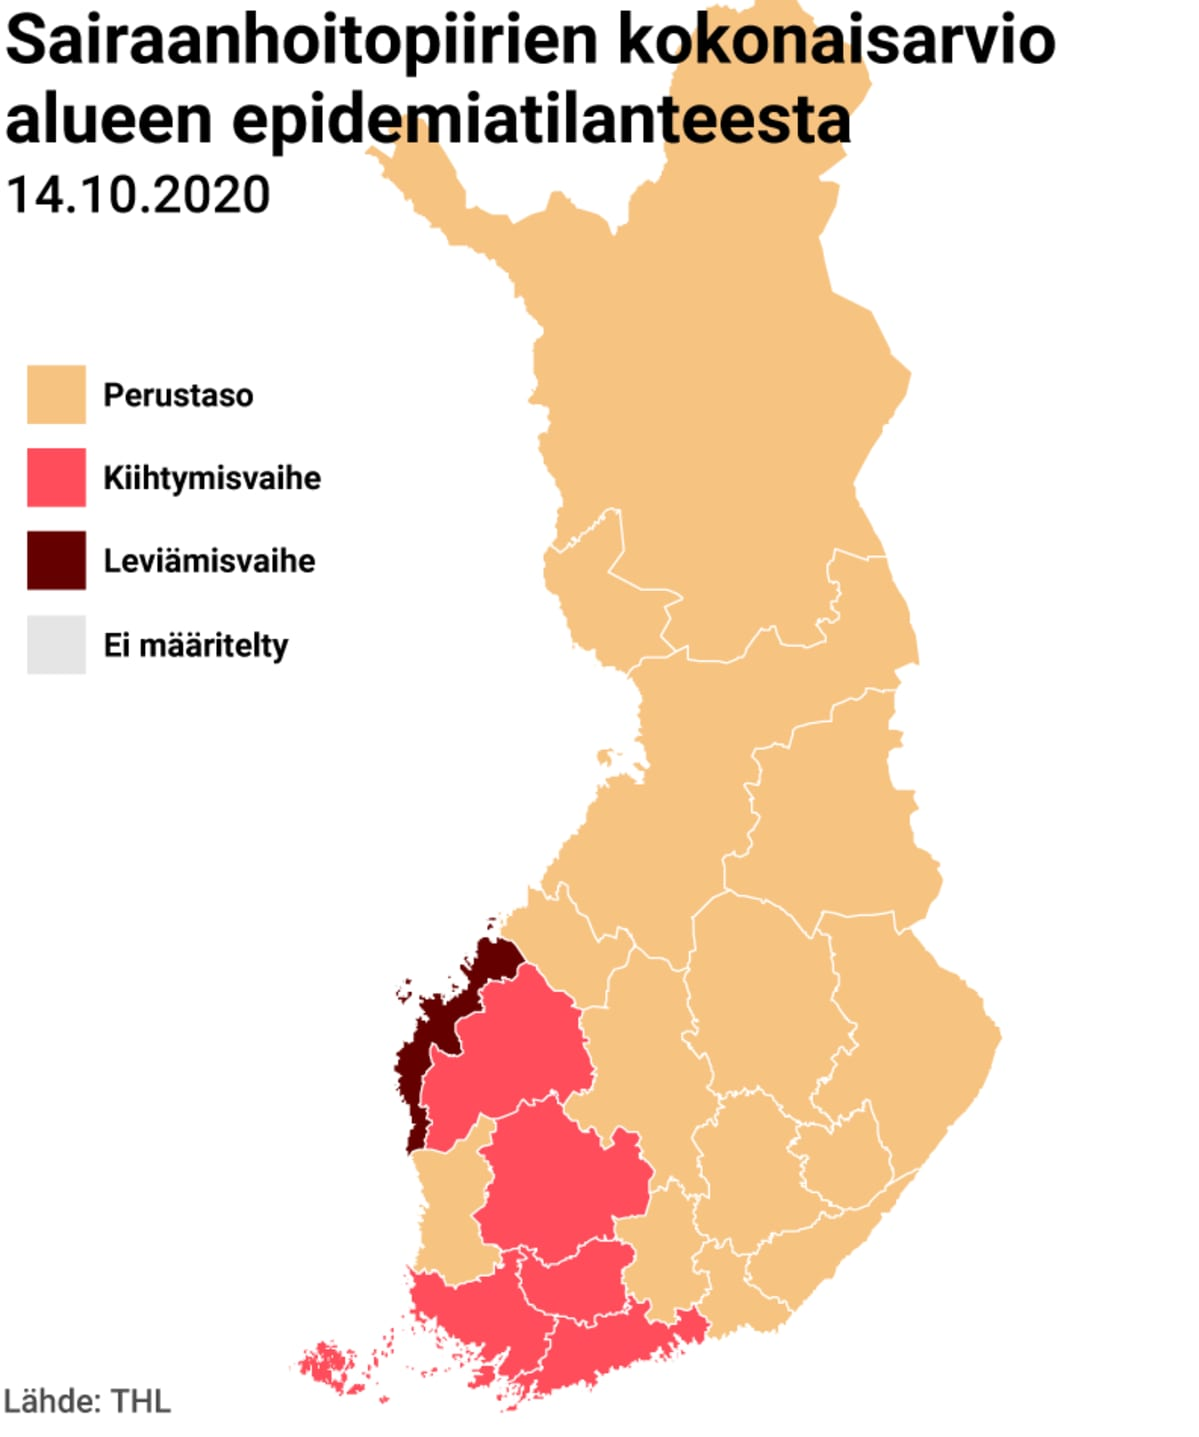 Sairaanhoitopiirien kokonaisarvio koronatilanteesta kartta